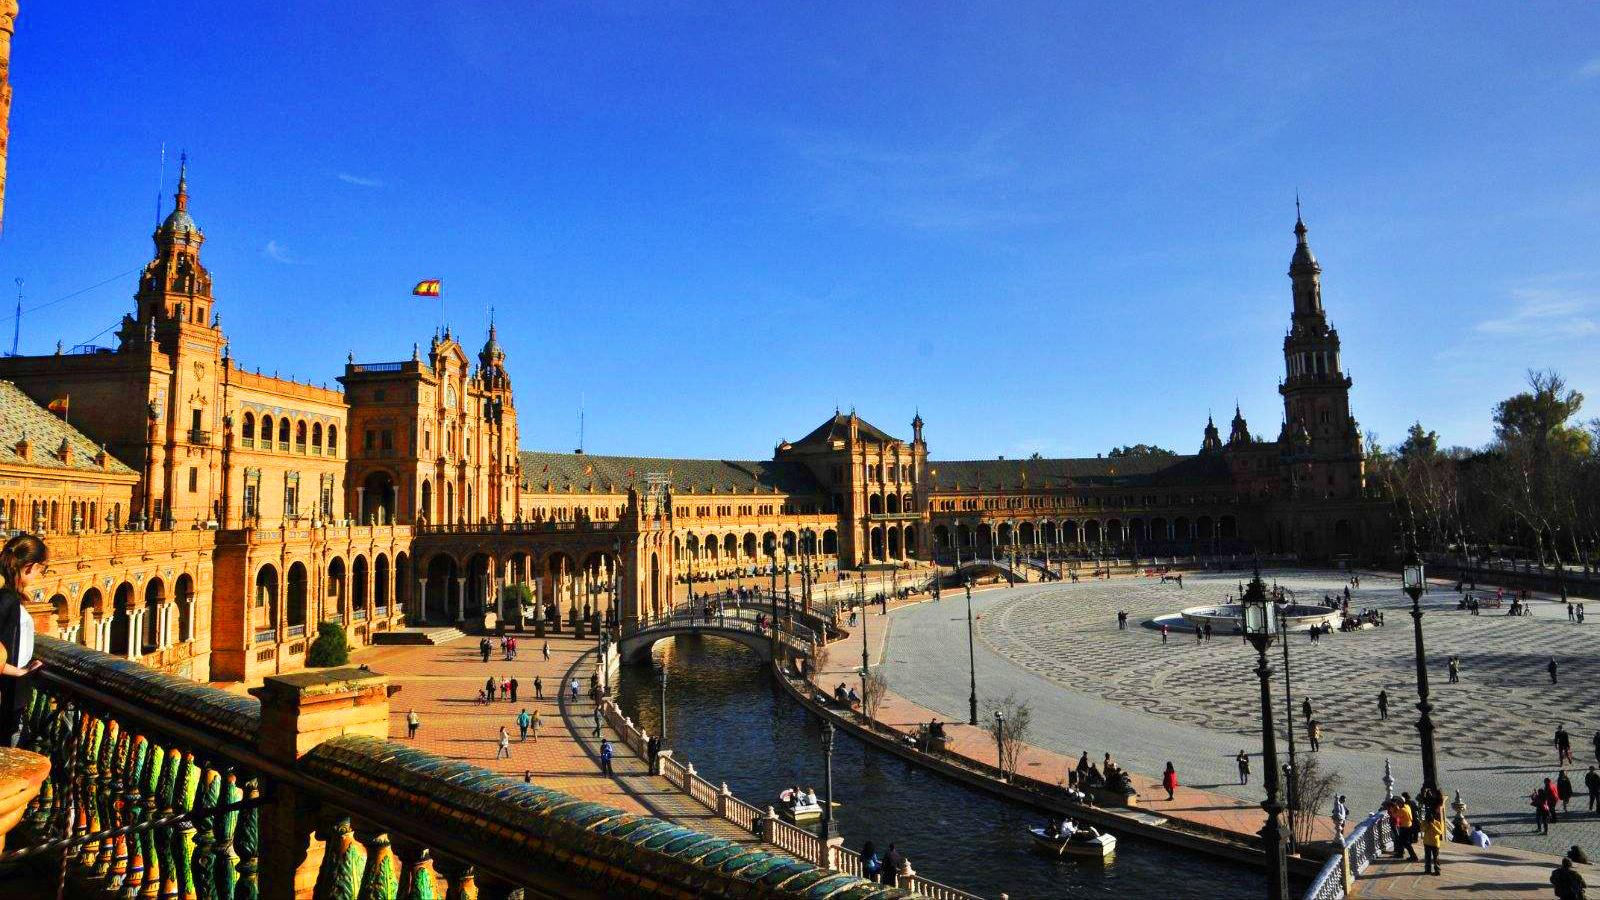 西班牙葡萄牙12/13天 马德里皇宫+海鲜饭制作+斗牛庄园+马术表演+科尔多瓦